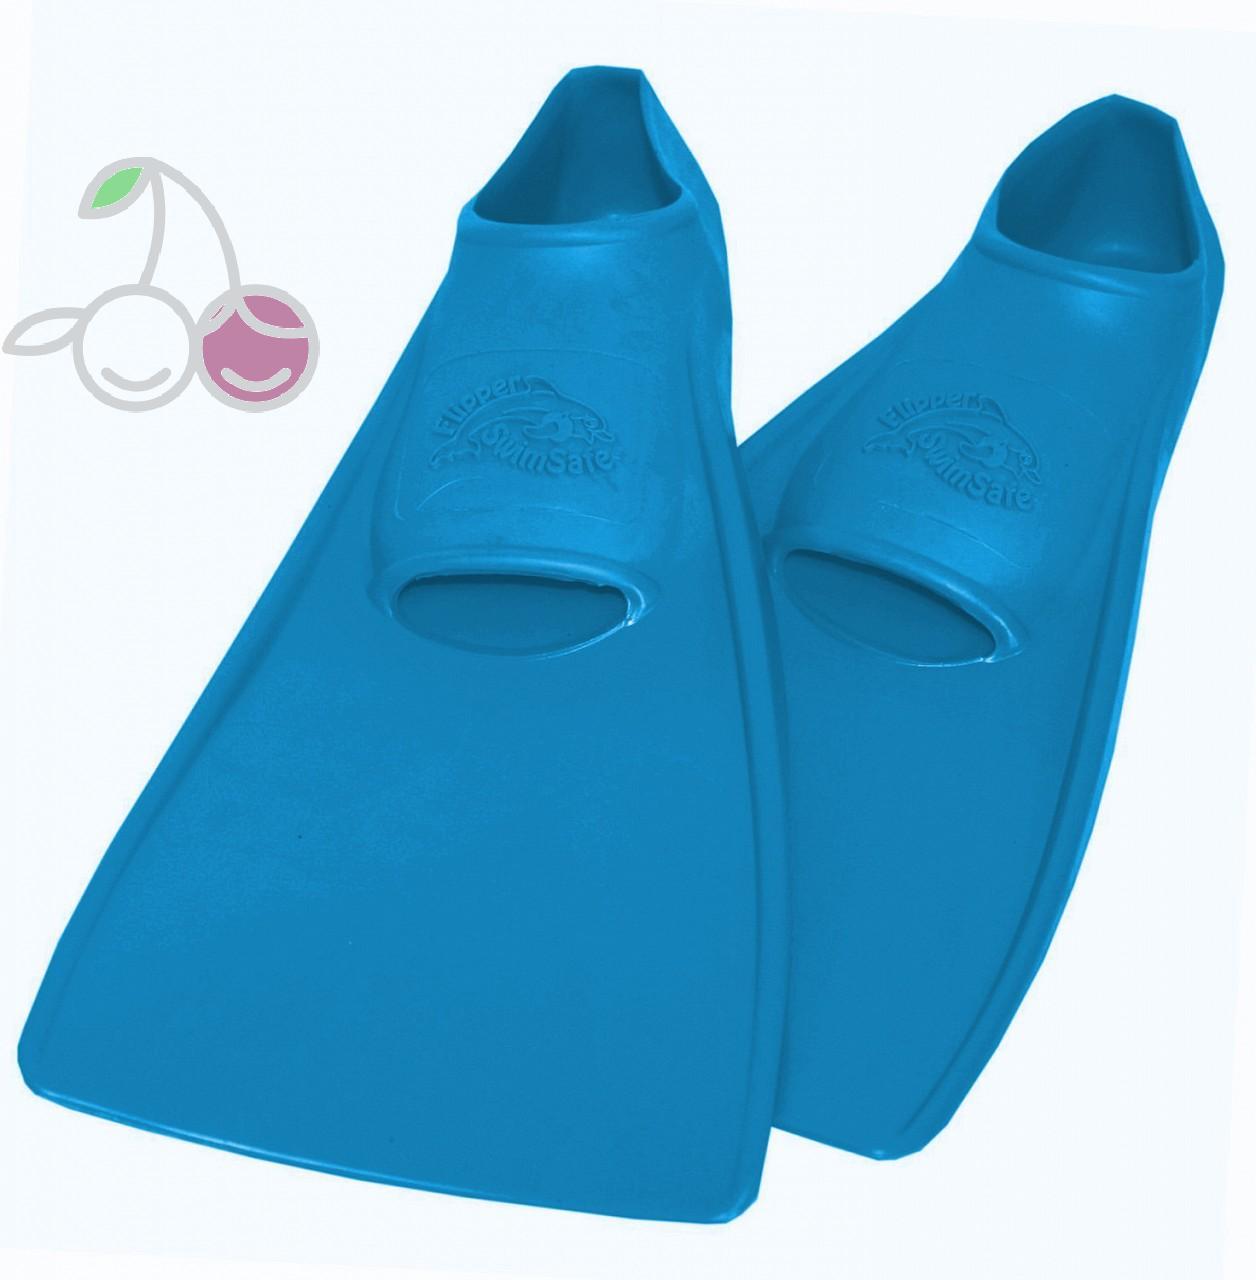 Ласты для бассейна резиновые детские размеры 28-30 синие СВИМСЕЙФ (SwimSafe) Германия, - фото 1